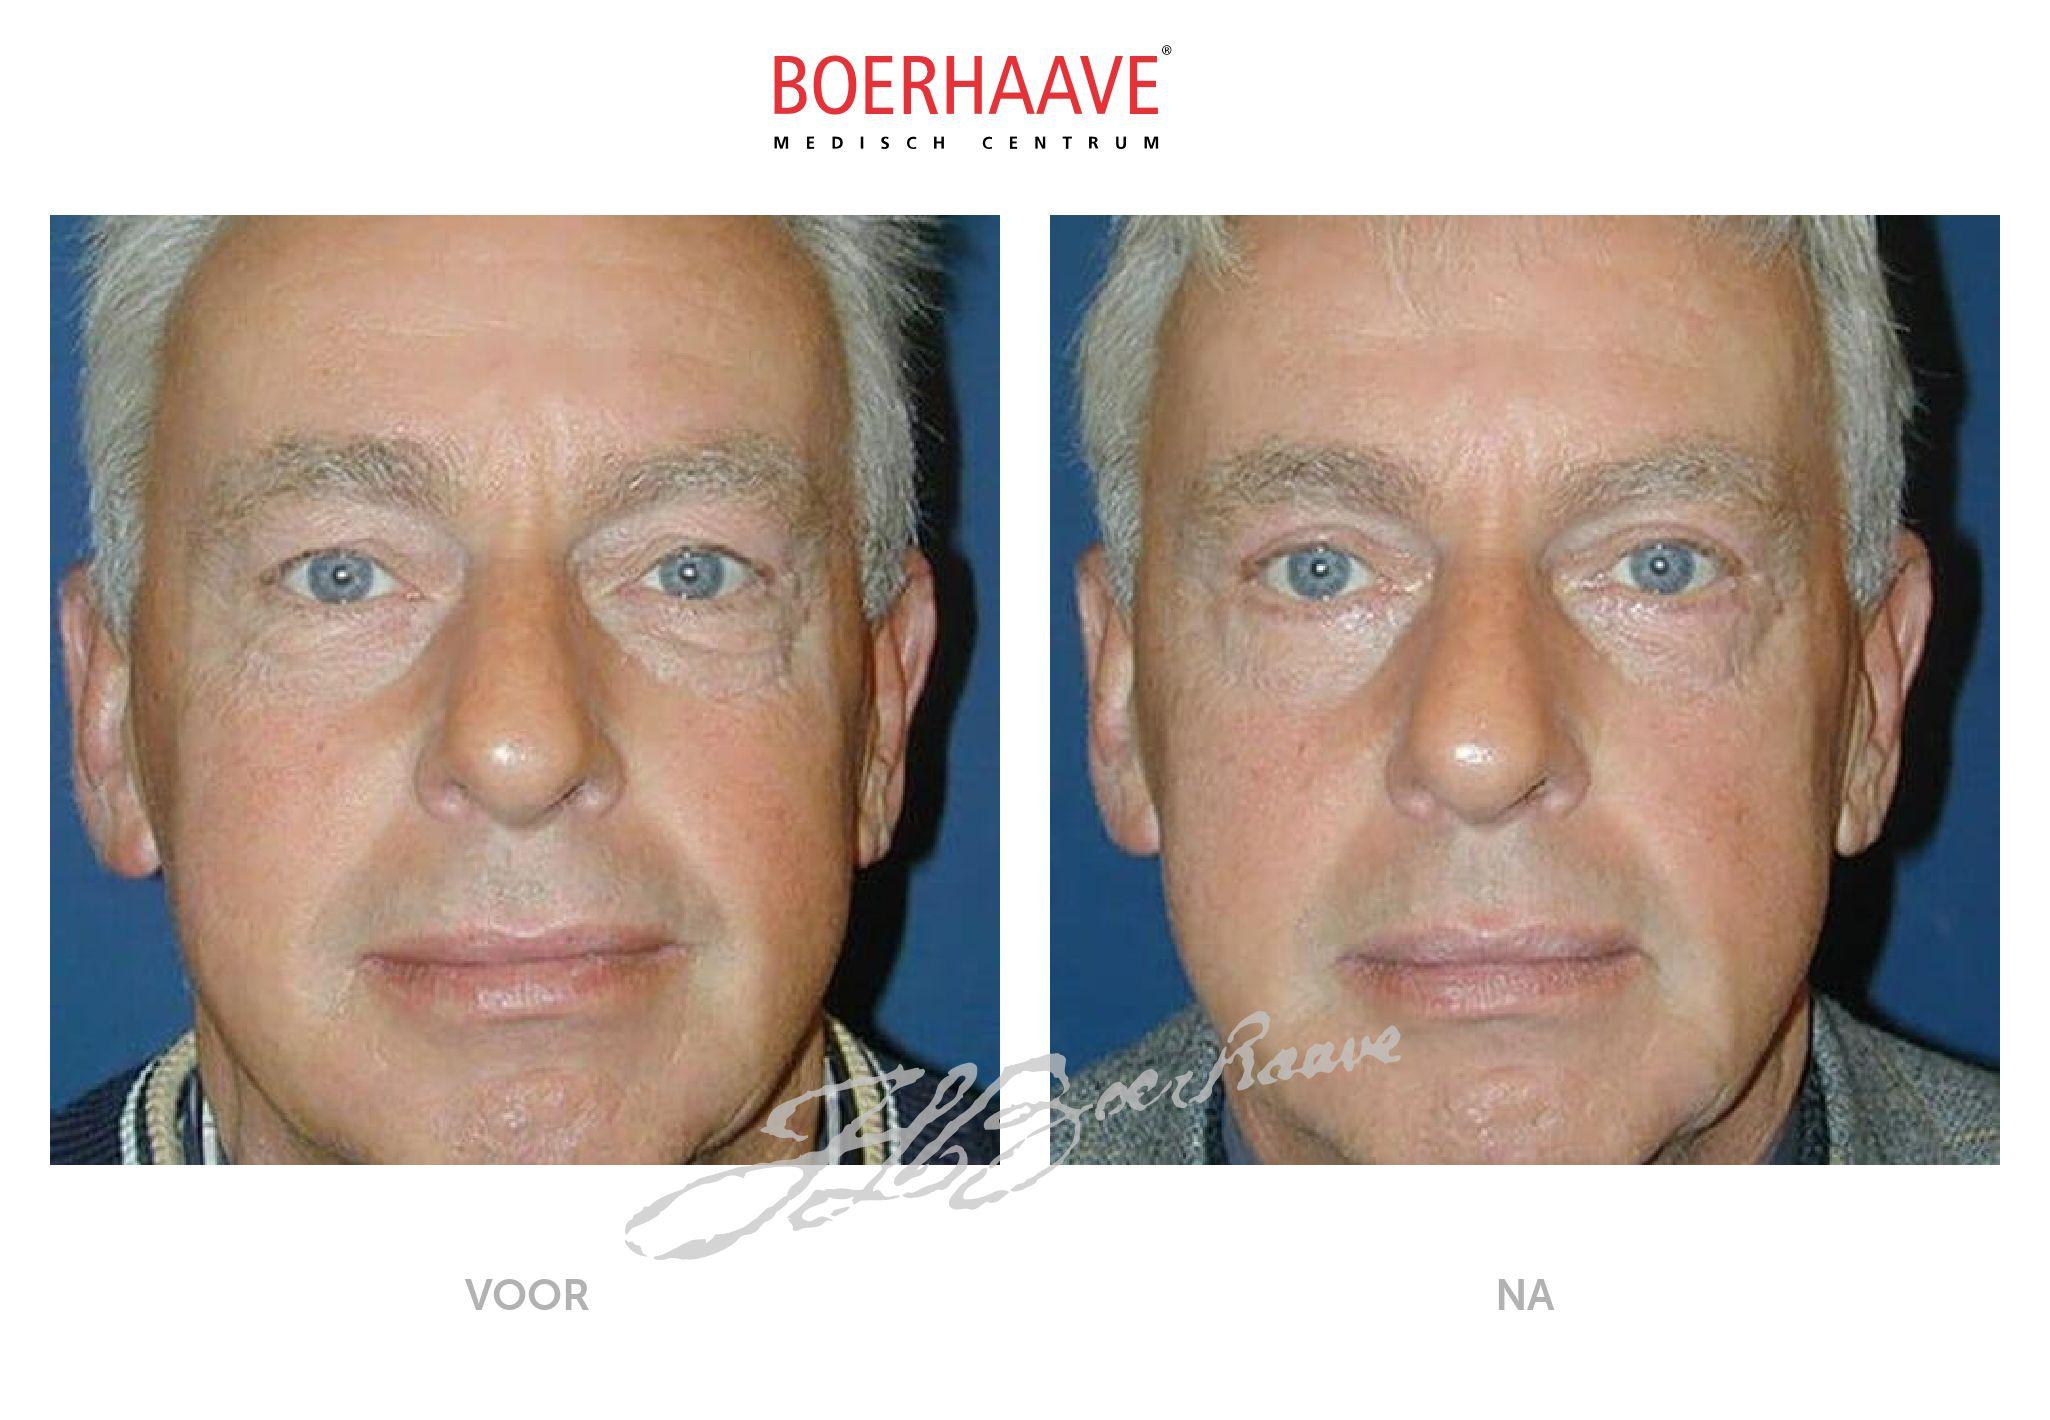 Voor na foto van ooglidcorrectie behandeling